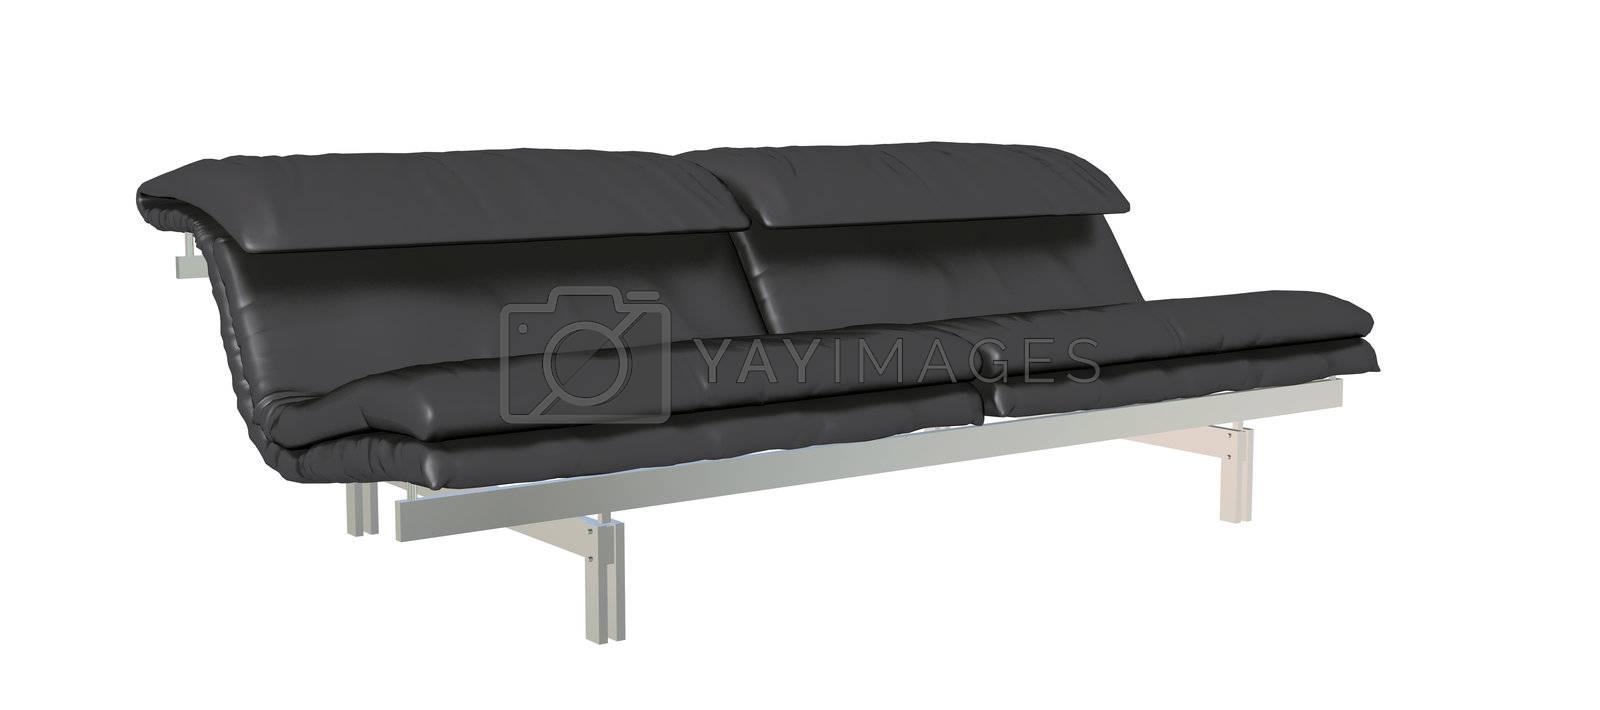 Leather sofa, black, metal frame, 3D illustration